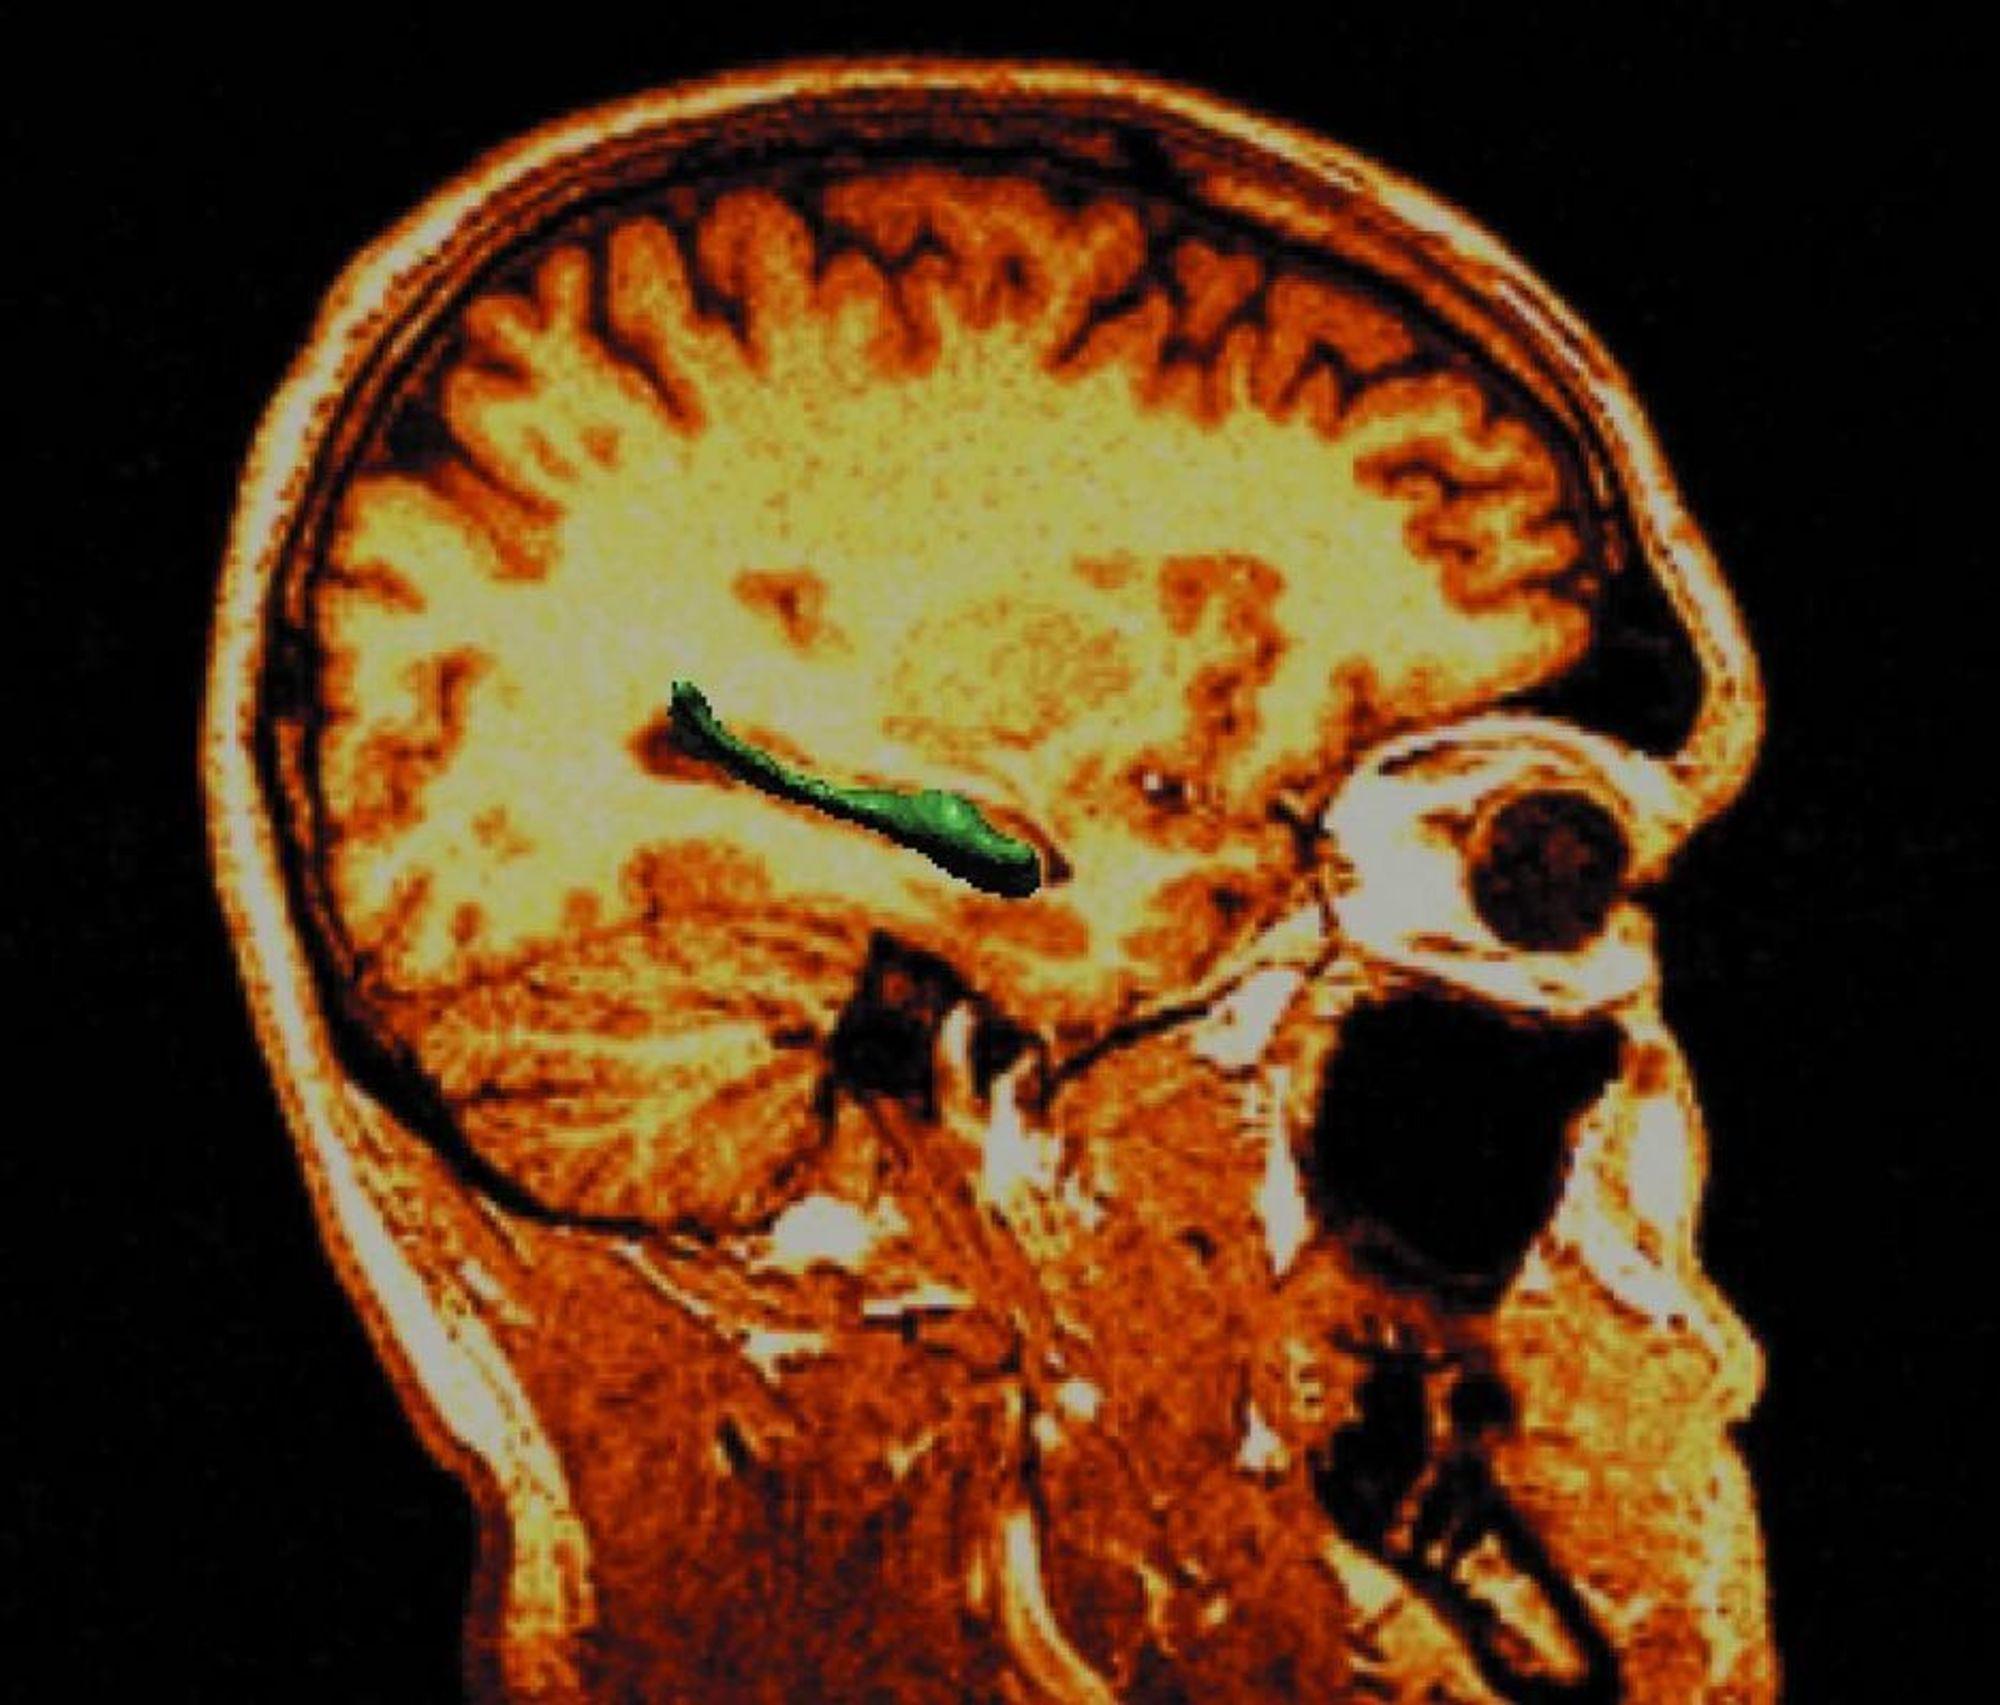 VIKTIG DEL: Kanskje ligger årsaken til autisme i mutasjoner som påvirker nervecellenes utvikling i hippocampusen (merket grønn).